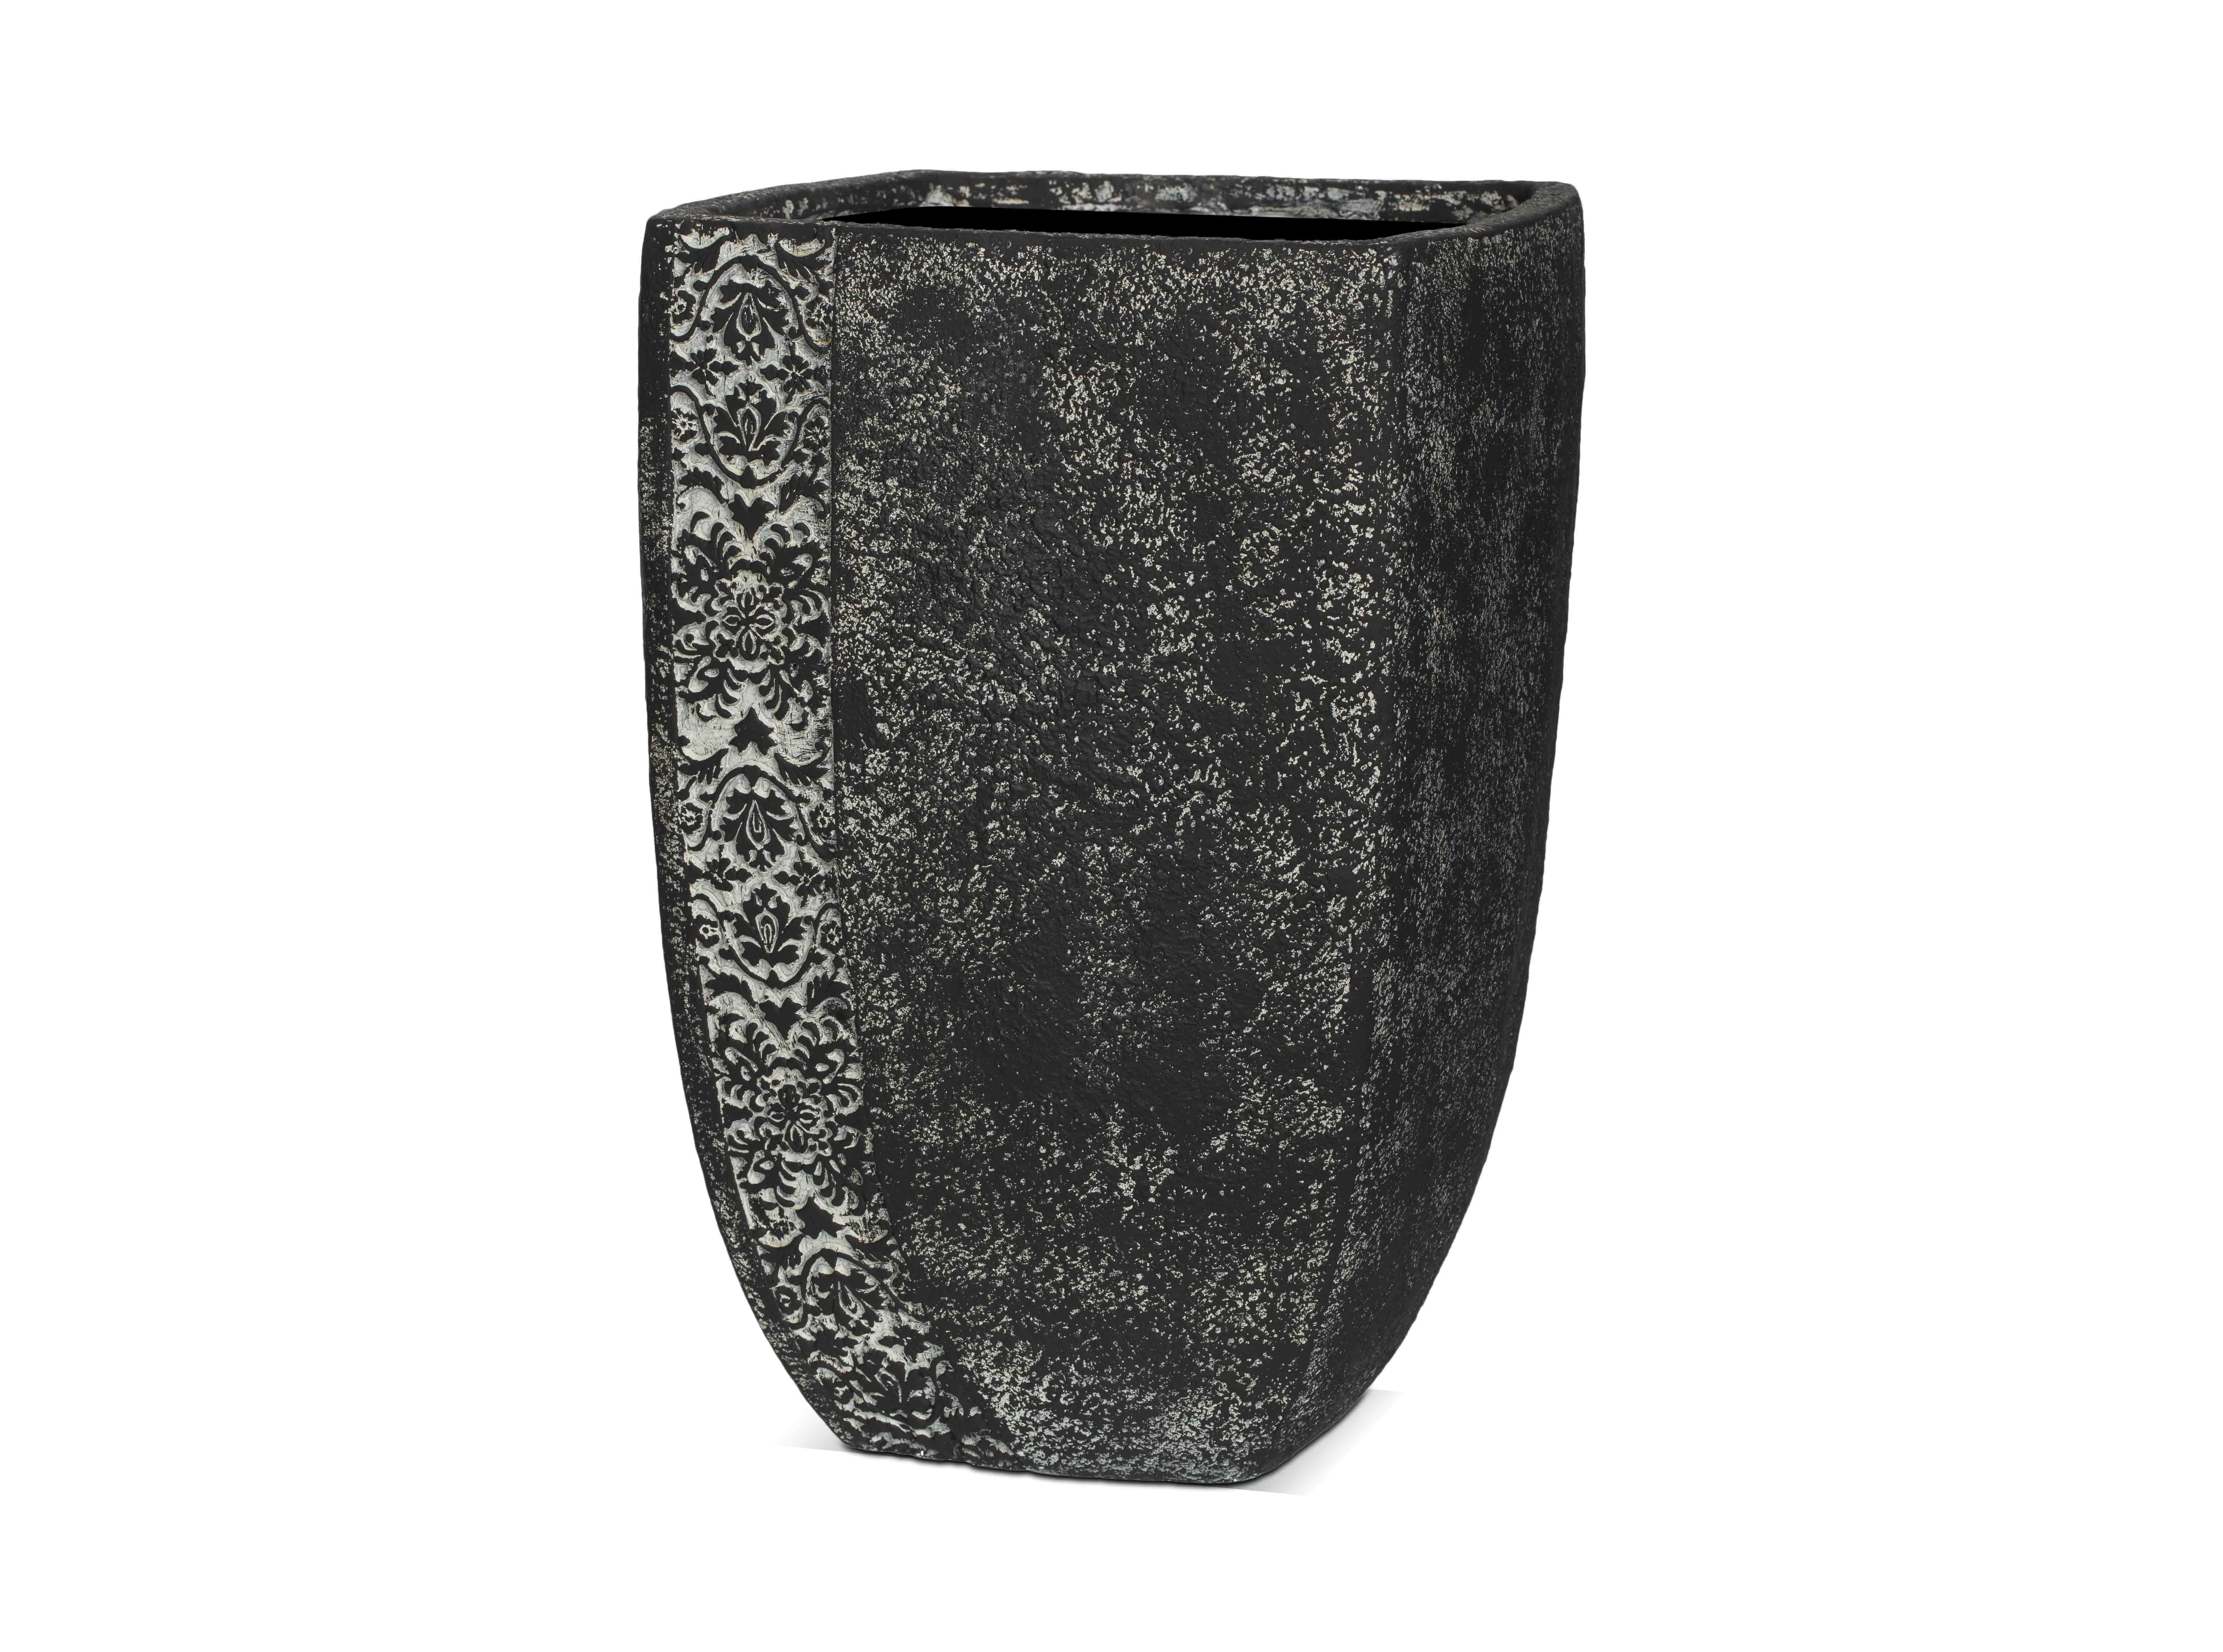 Ваза ТУЛУЗАКашпо и подставки для дачи и сада<br>CAPI CLASSIC – это вазы в классическом французском стиле.  Вазы отличаются  декоративной каймой с изысканным цветочным узором.  <br>Коллекцию дополняют пьедесталы, с которыми вазы прекрасно согласуются и величественно выглядят рядом с входной дверью или на классической террасе.  Комплекты из ваз не только позволяют создать  красивую композицию, но и значительно облегчают уход за растениями. С их помощью легко расставить акценты на тропинках, входе в дом или на террасе.<br>Вазы CAPI EUROPE не боятся перепадов температуры и влажности воздуха. Все вазы могут быть использованы в доме и на улице круглый год. На дне каждой вазы есть дренажное отверстие, что позволит уберечь  вазу в морозы.<br><br>Material: Полистоун<br>Length см: None<br>Width см: 37<br>Depth см: 34<br>Height см: 55<br>Diameter см: None